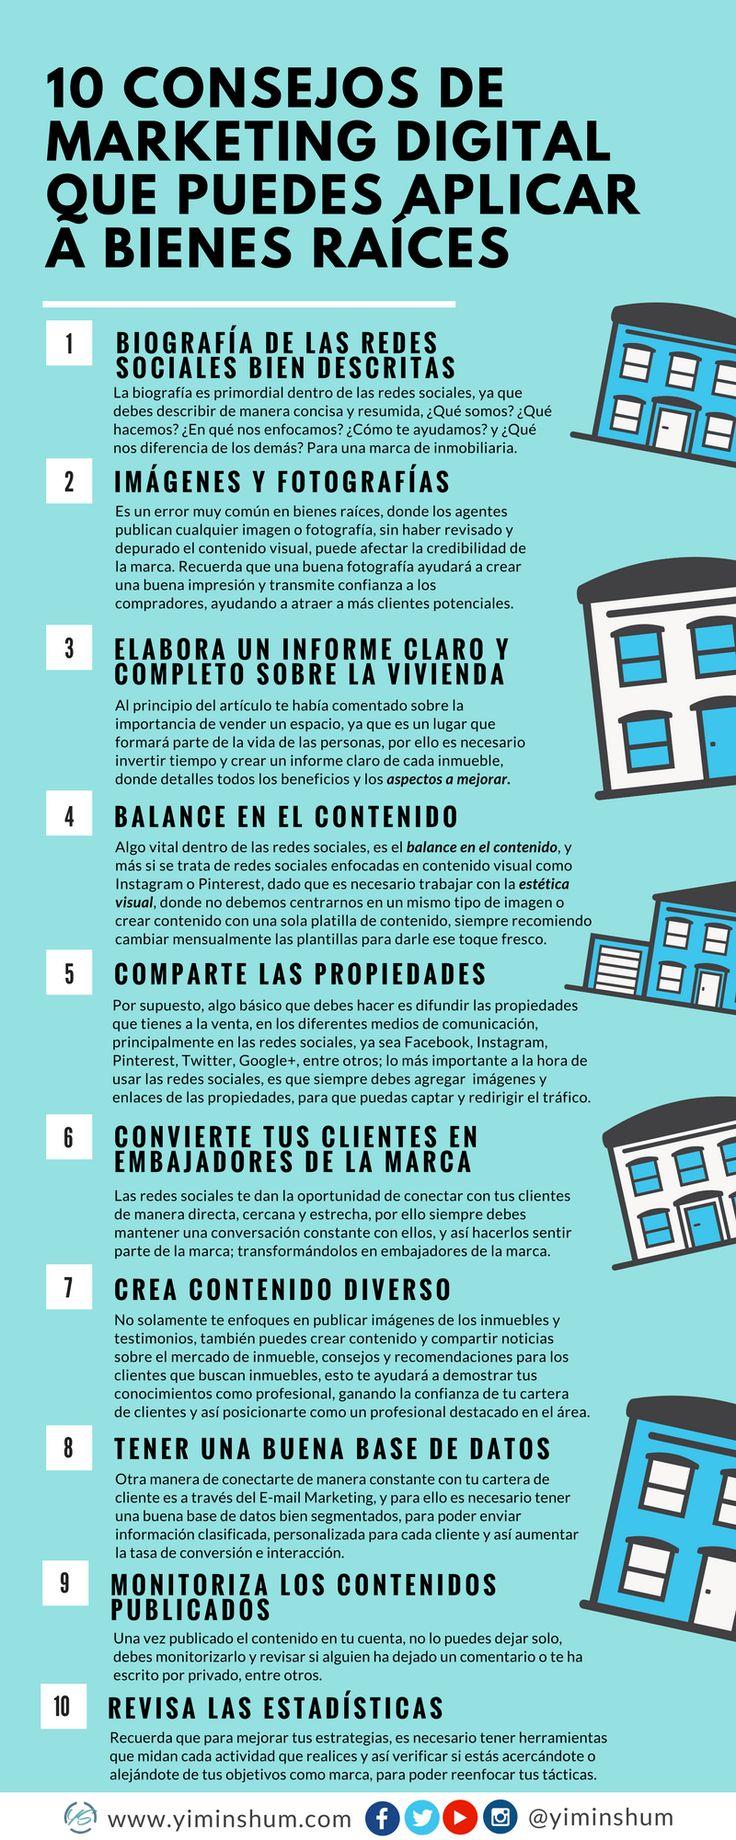 10 consejos de marketing digital que puedes aplicar a bienes raíces #infografia